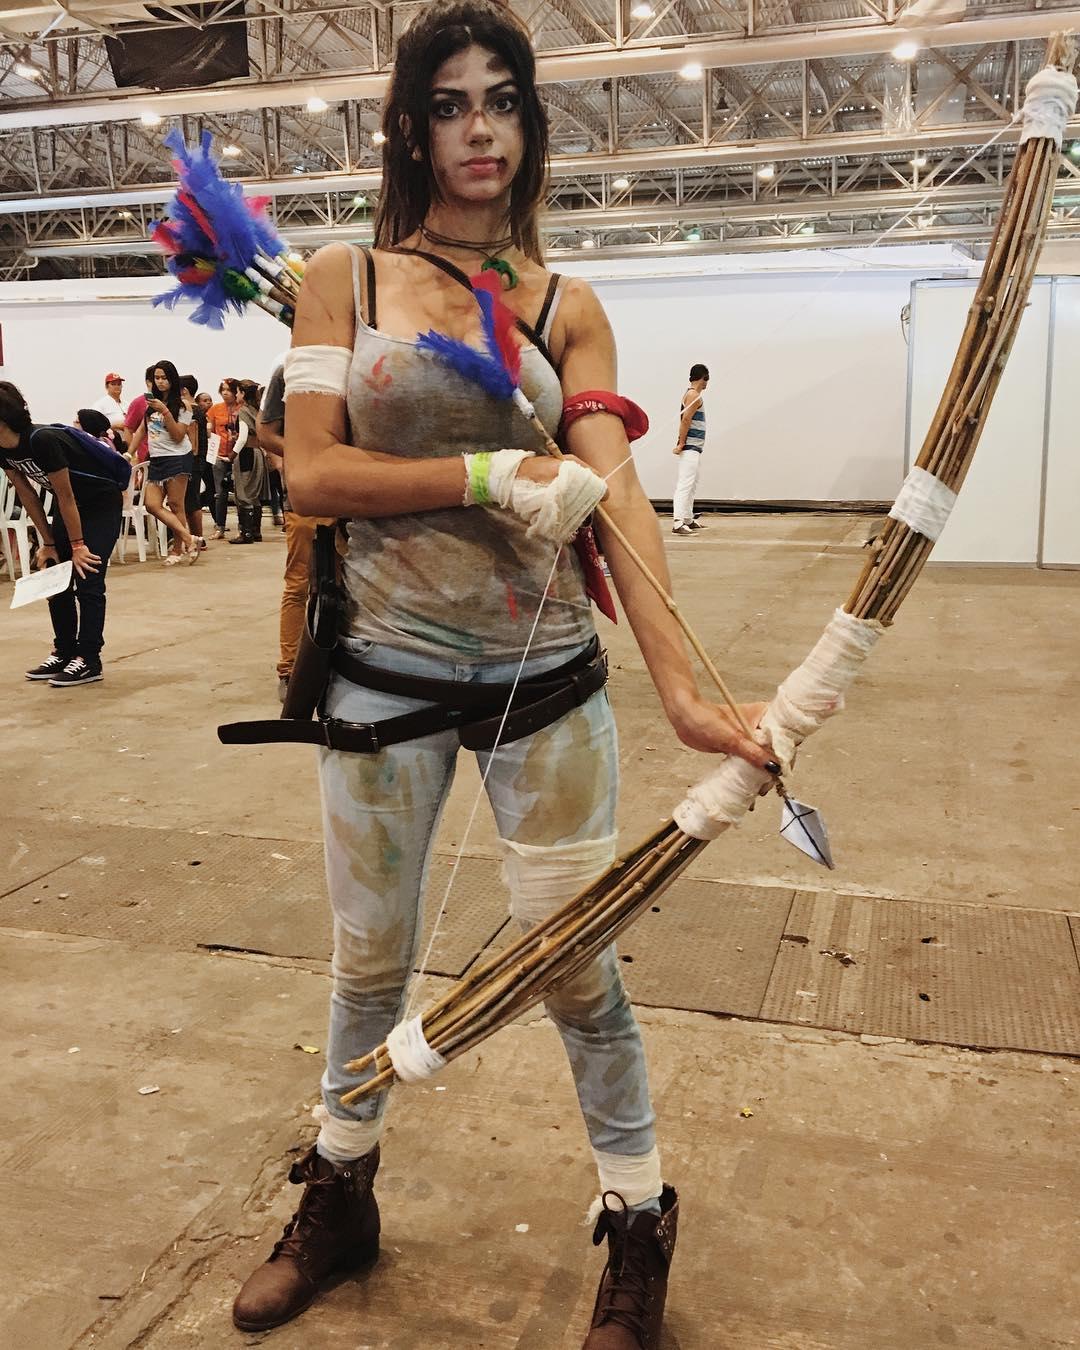 Lara Croft cosplay by Kami Ferreira